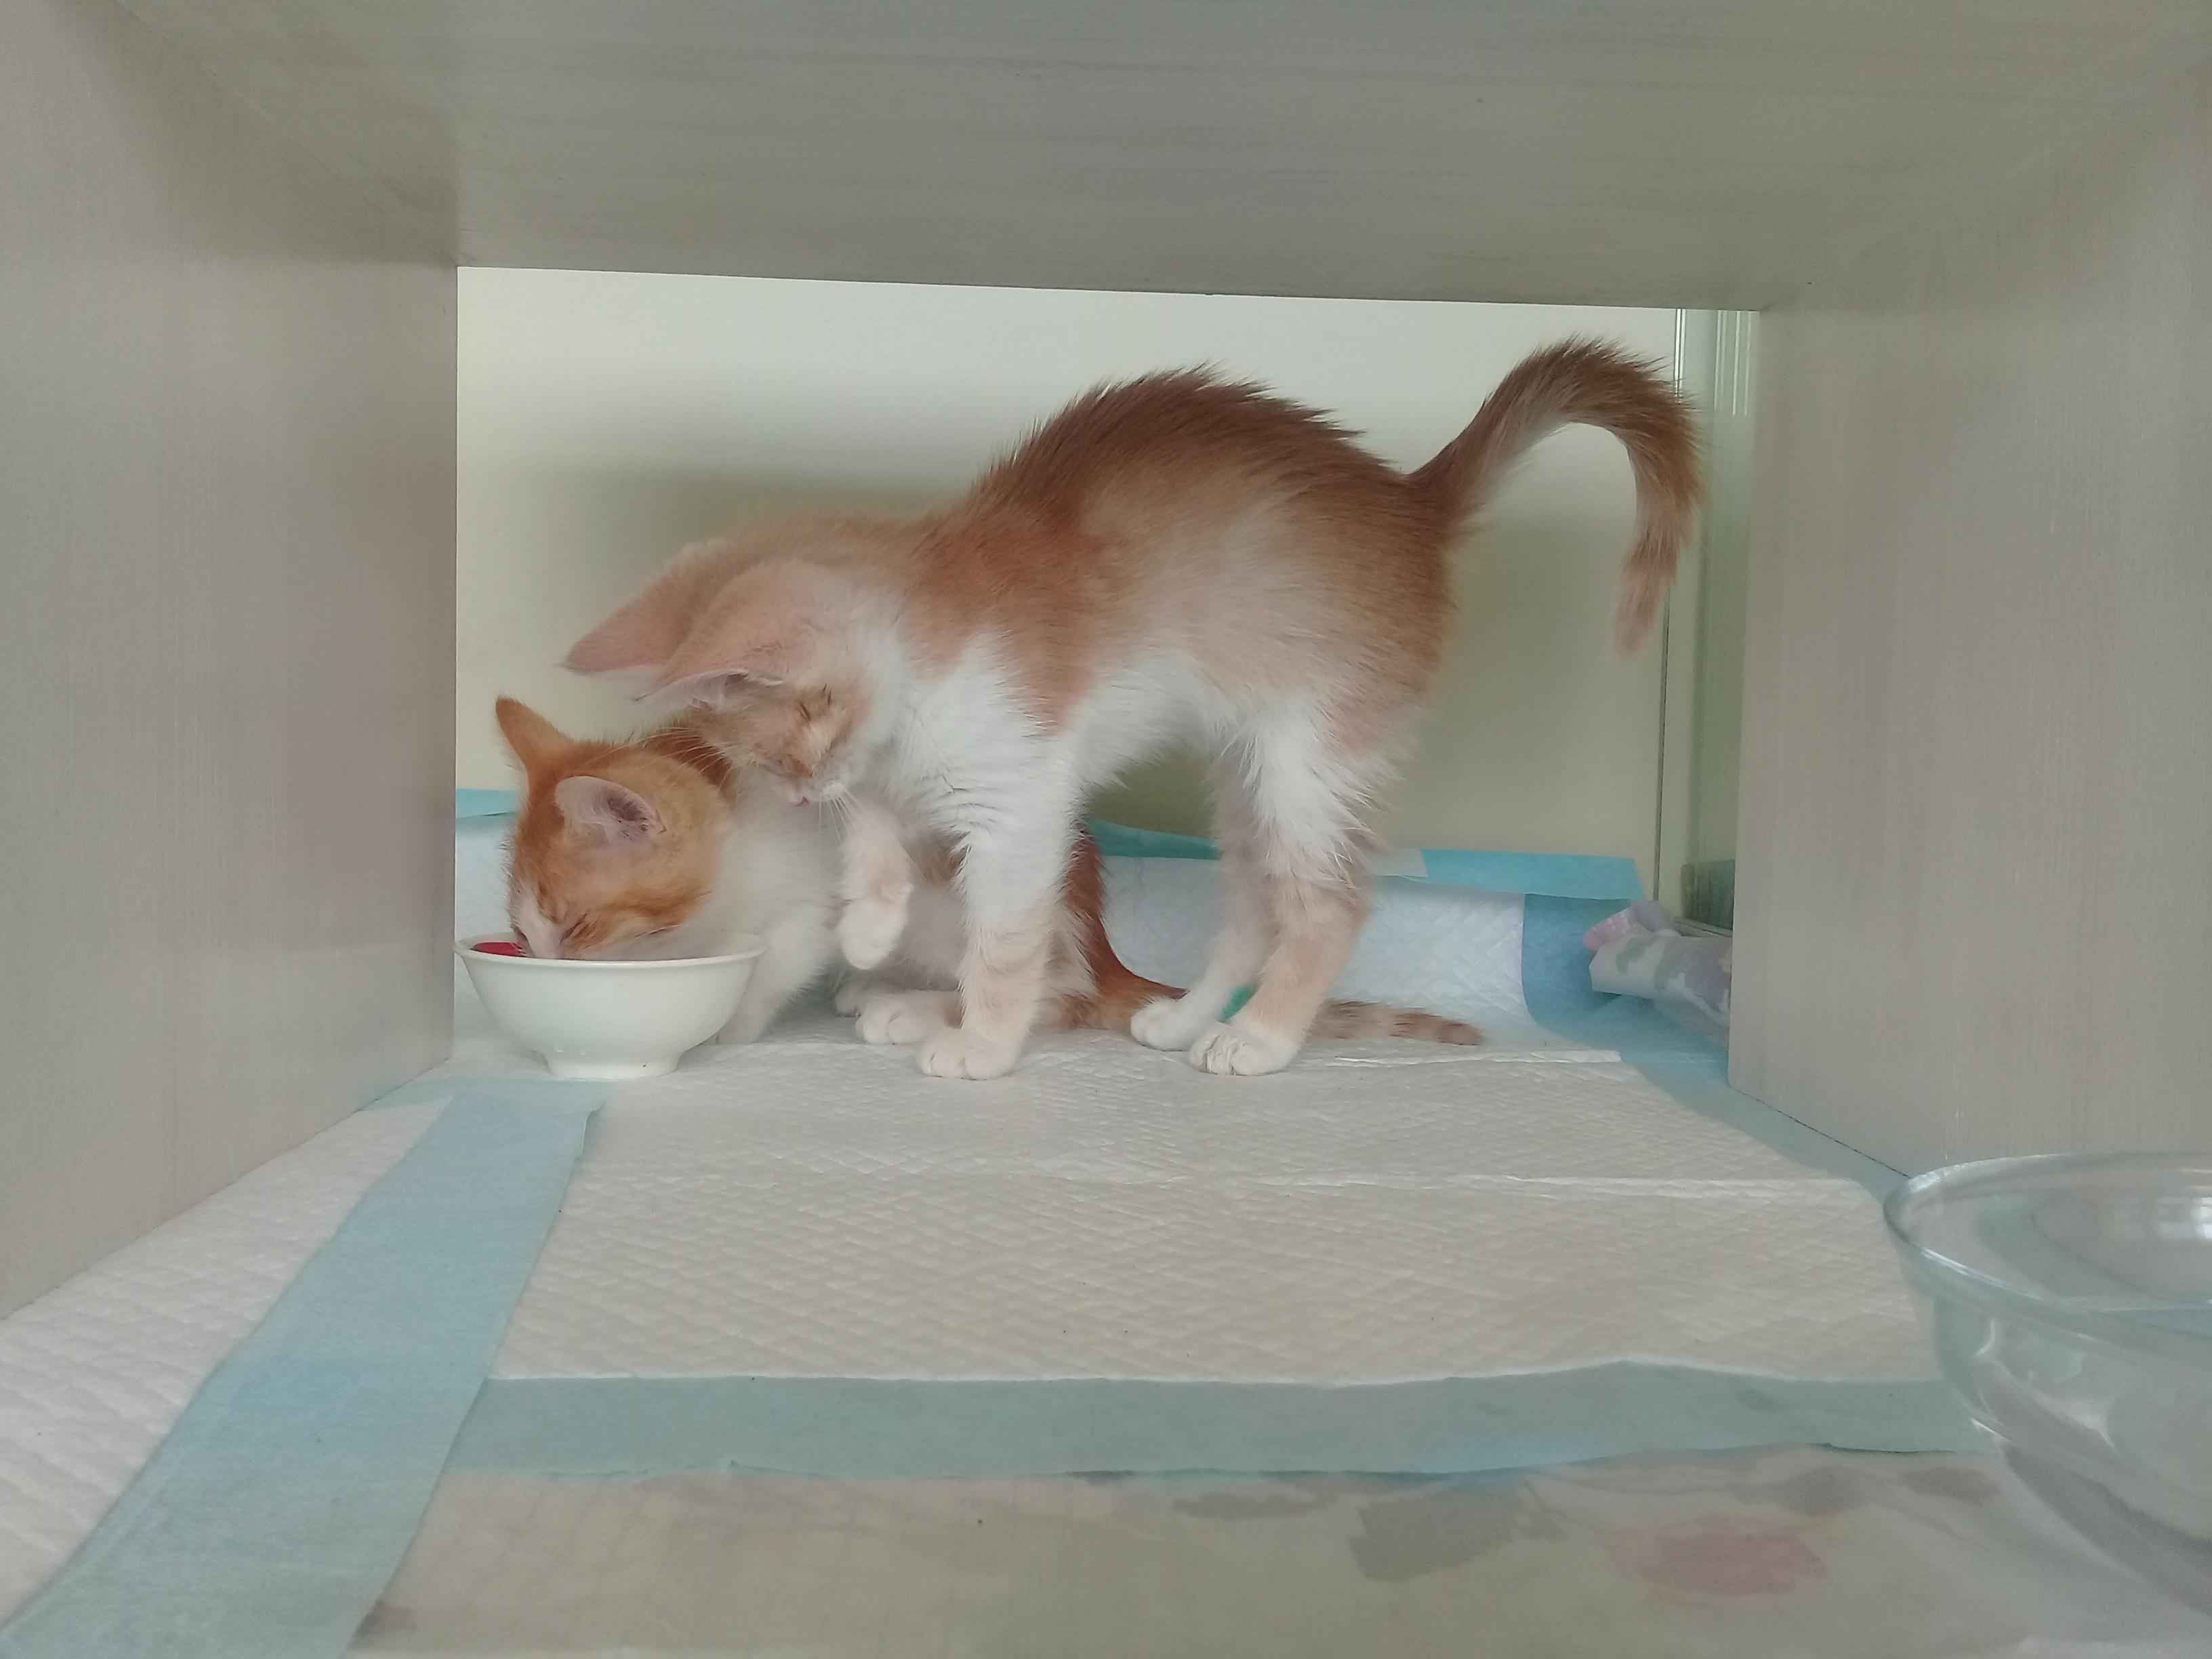 """Гостиница для кошек Маркиз Москва - фото кот """"Персик"""" - ждет хозяина"""